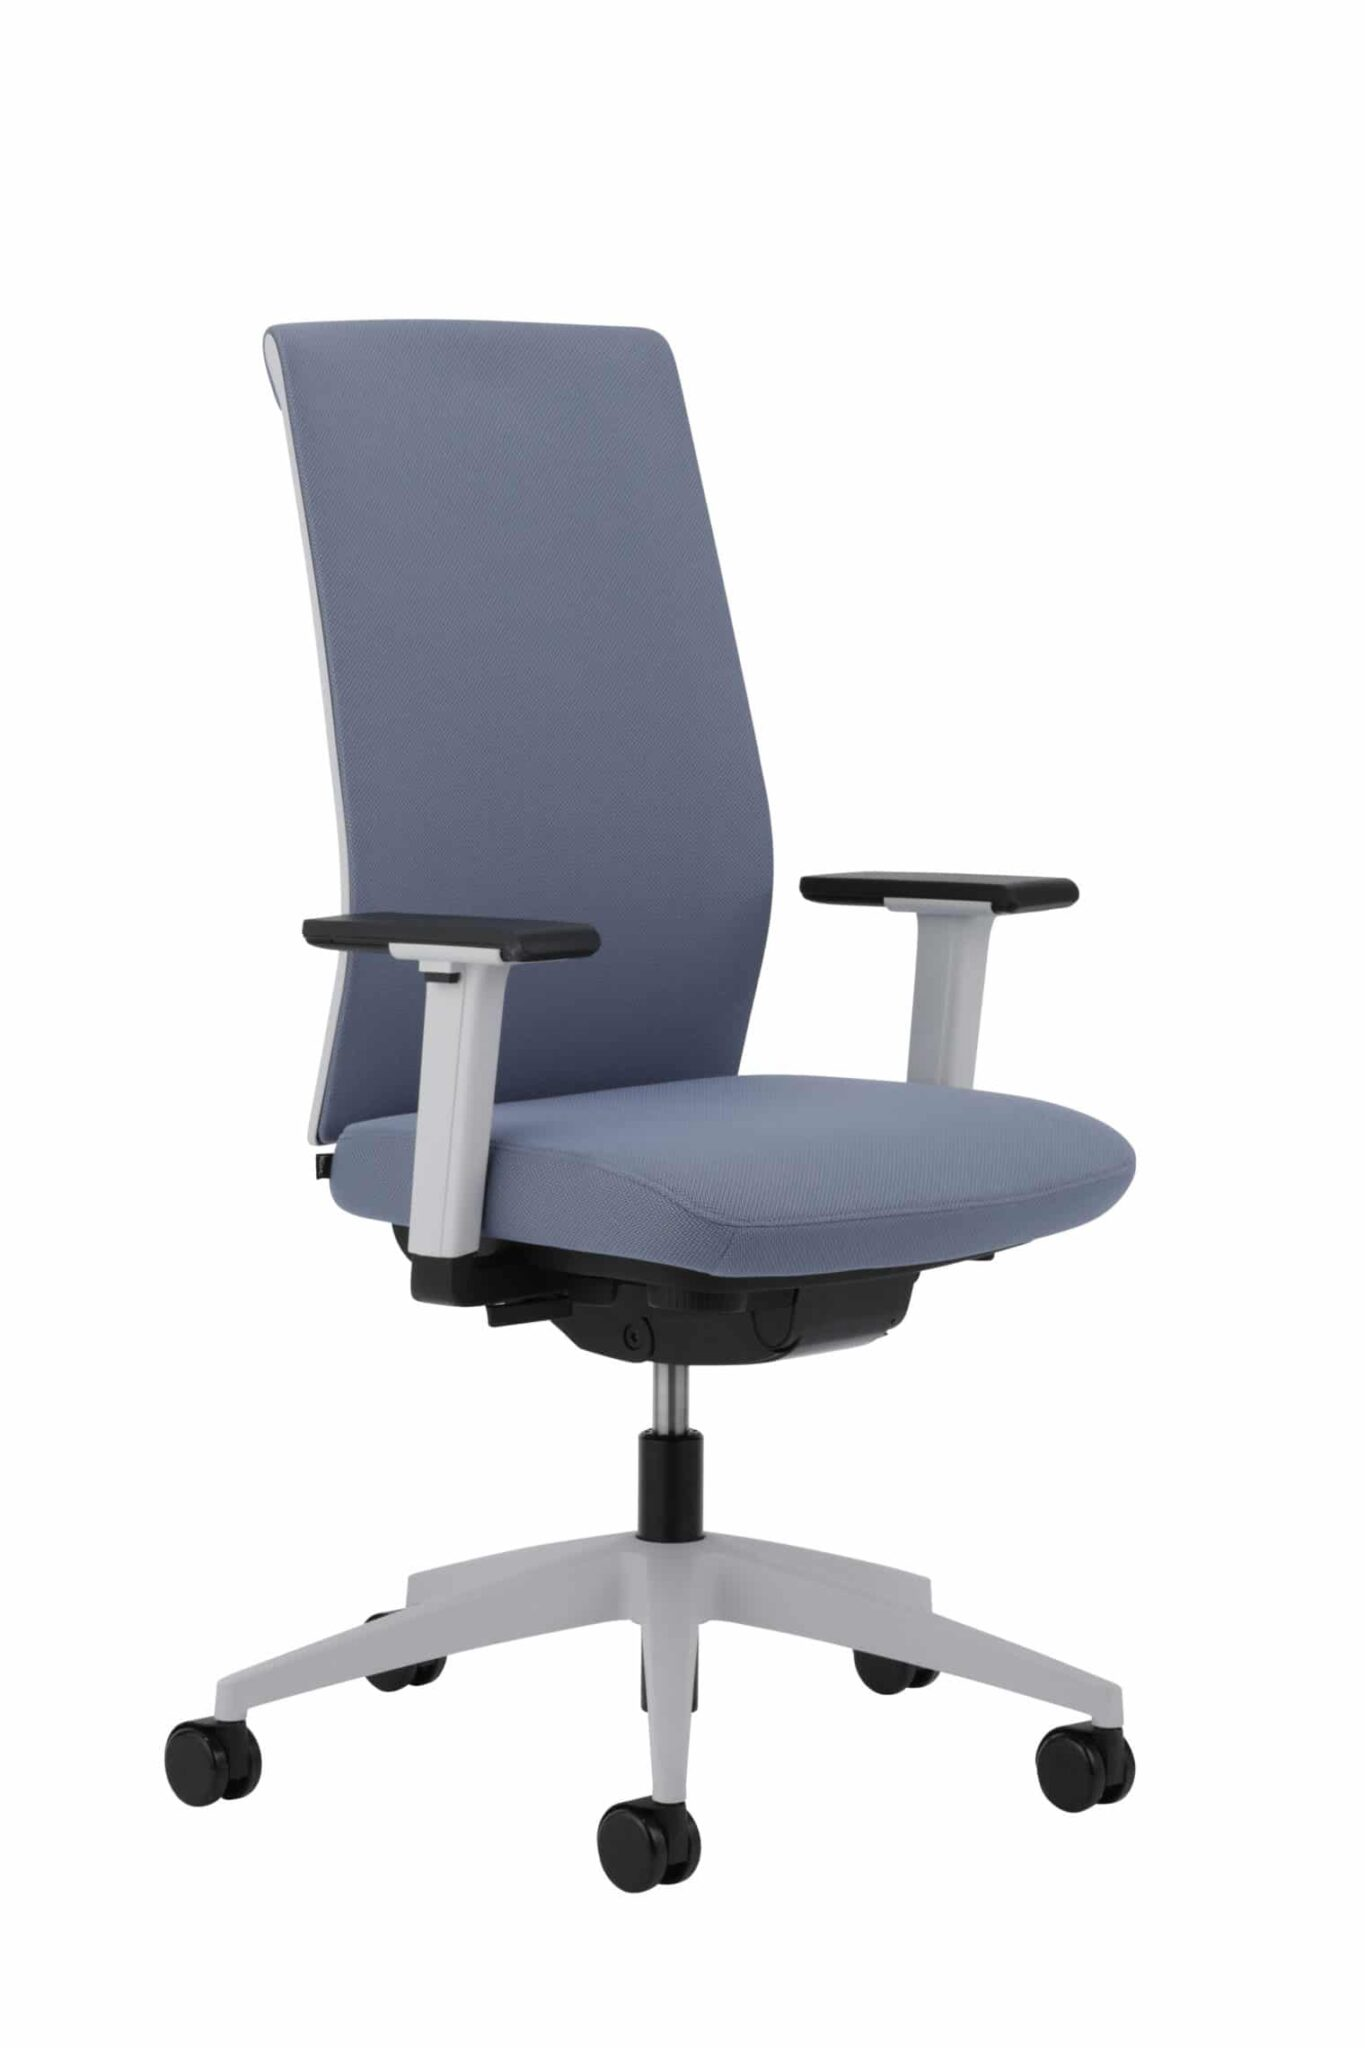 Bureaustoel Kohl Tempeo Fresh Lichtgrijs met blauwgrijze stof